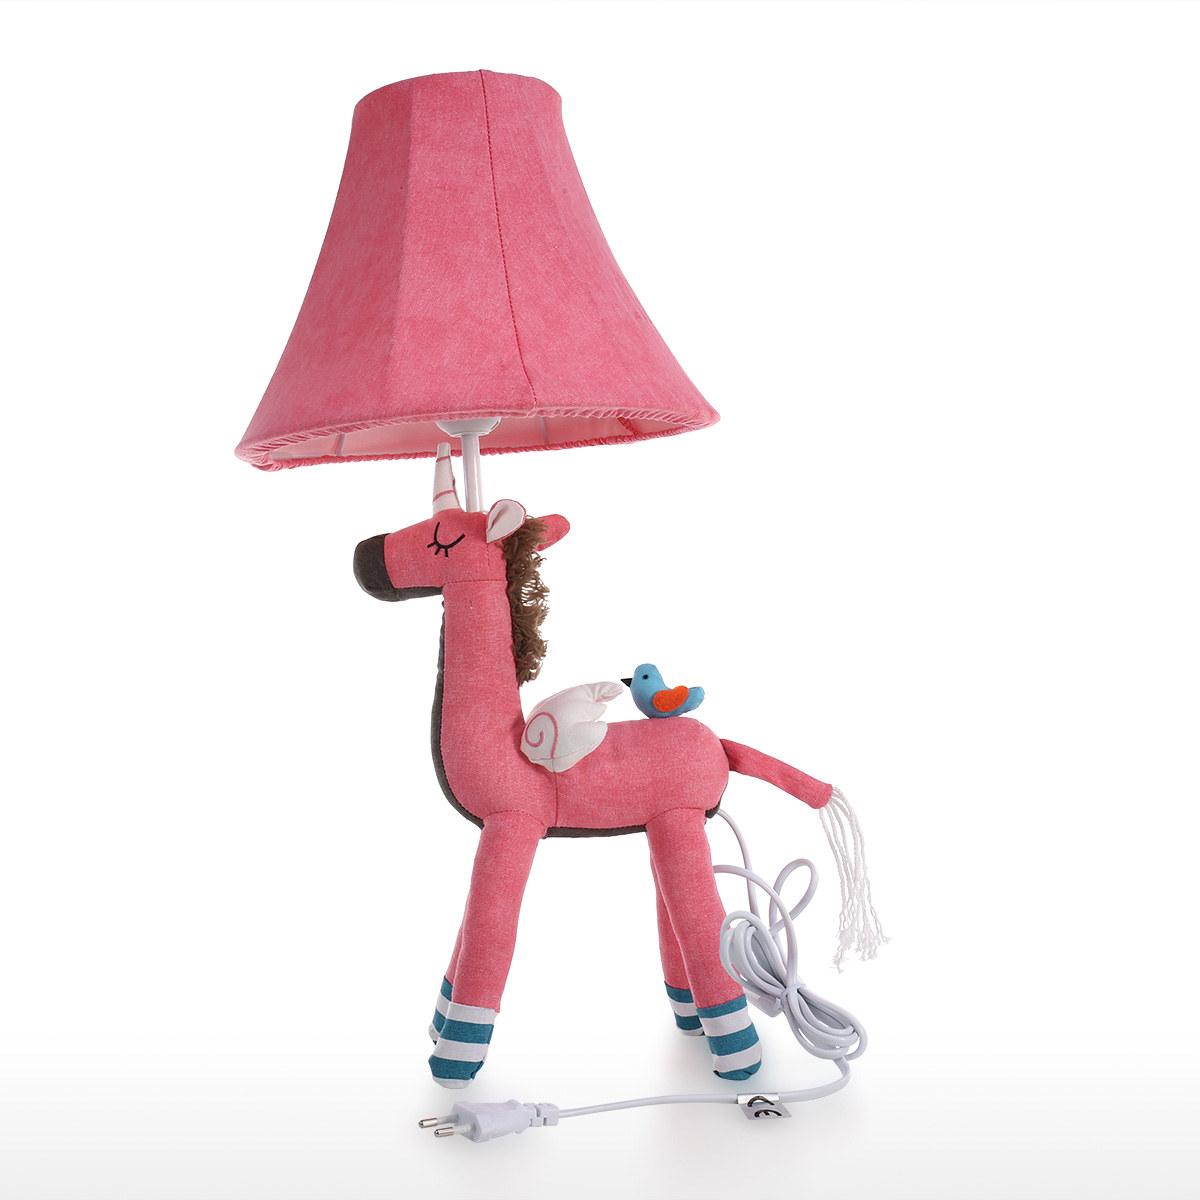 Lampada Da Tavolo Unicorno Lampada Da Tavolo Con Spina Europea